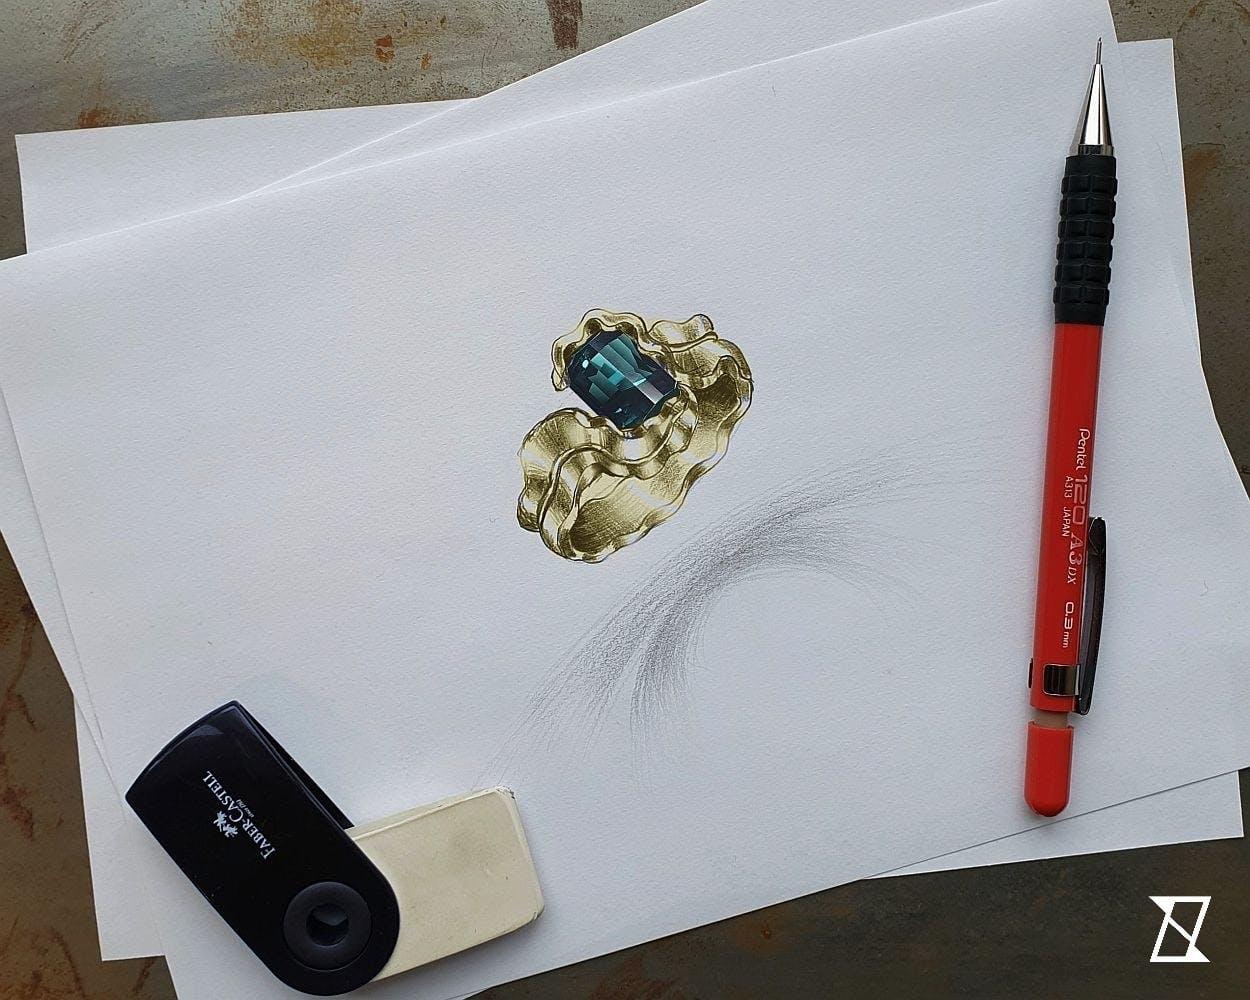 Wstępny projekt pierścionka z turmalinem indygo.